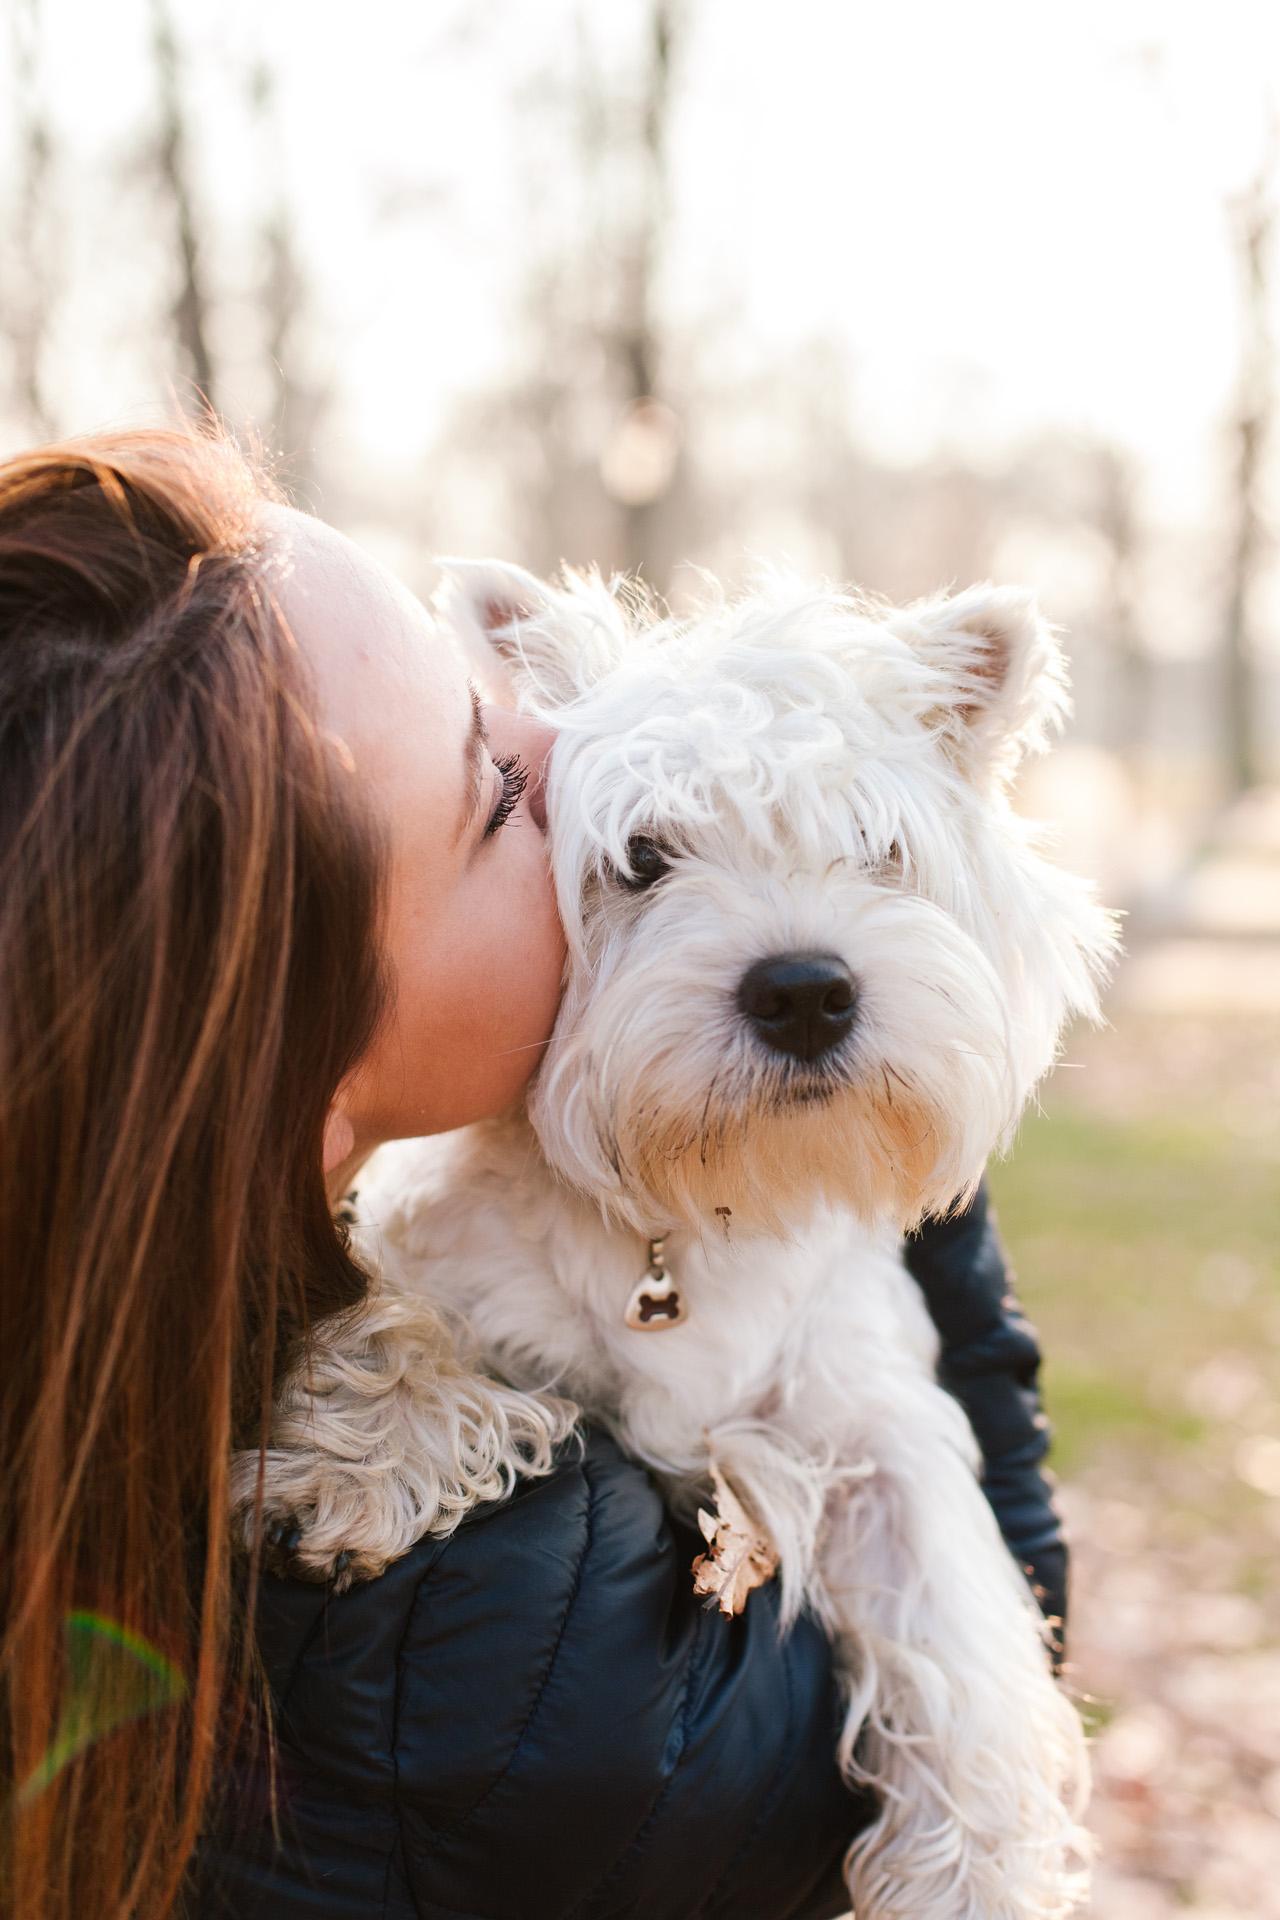 Girl kissing white dog